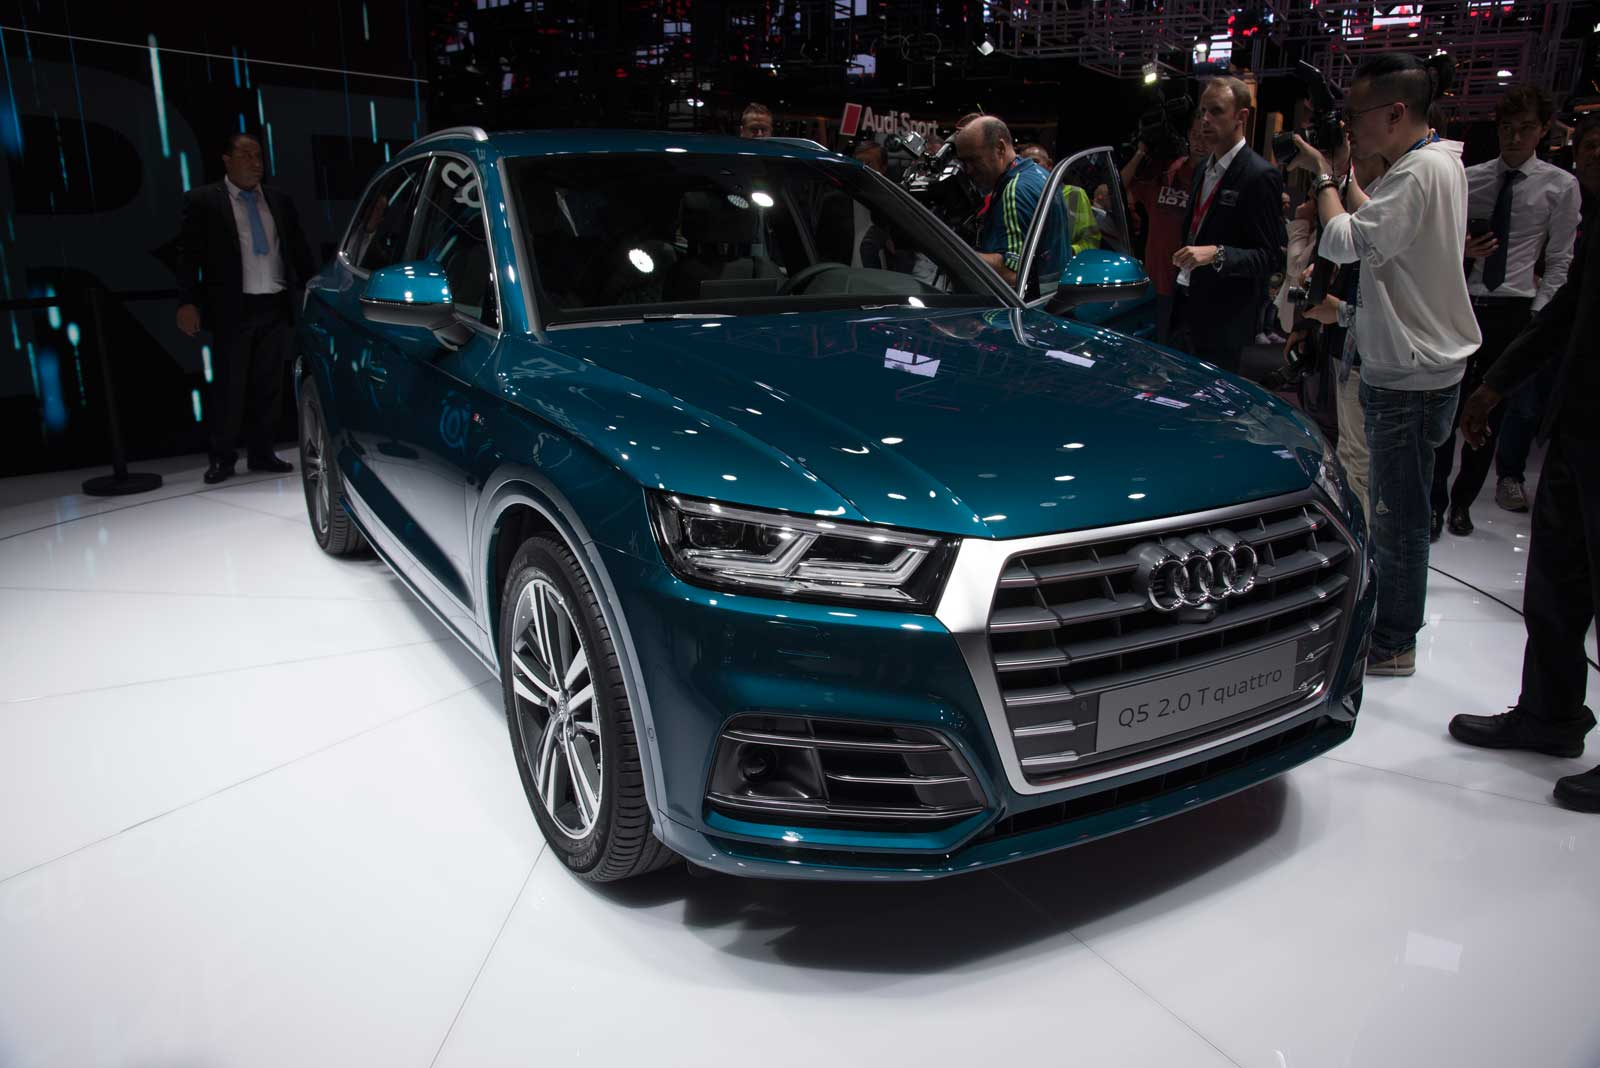 2017-Audi-Q5-Front-01